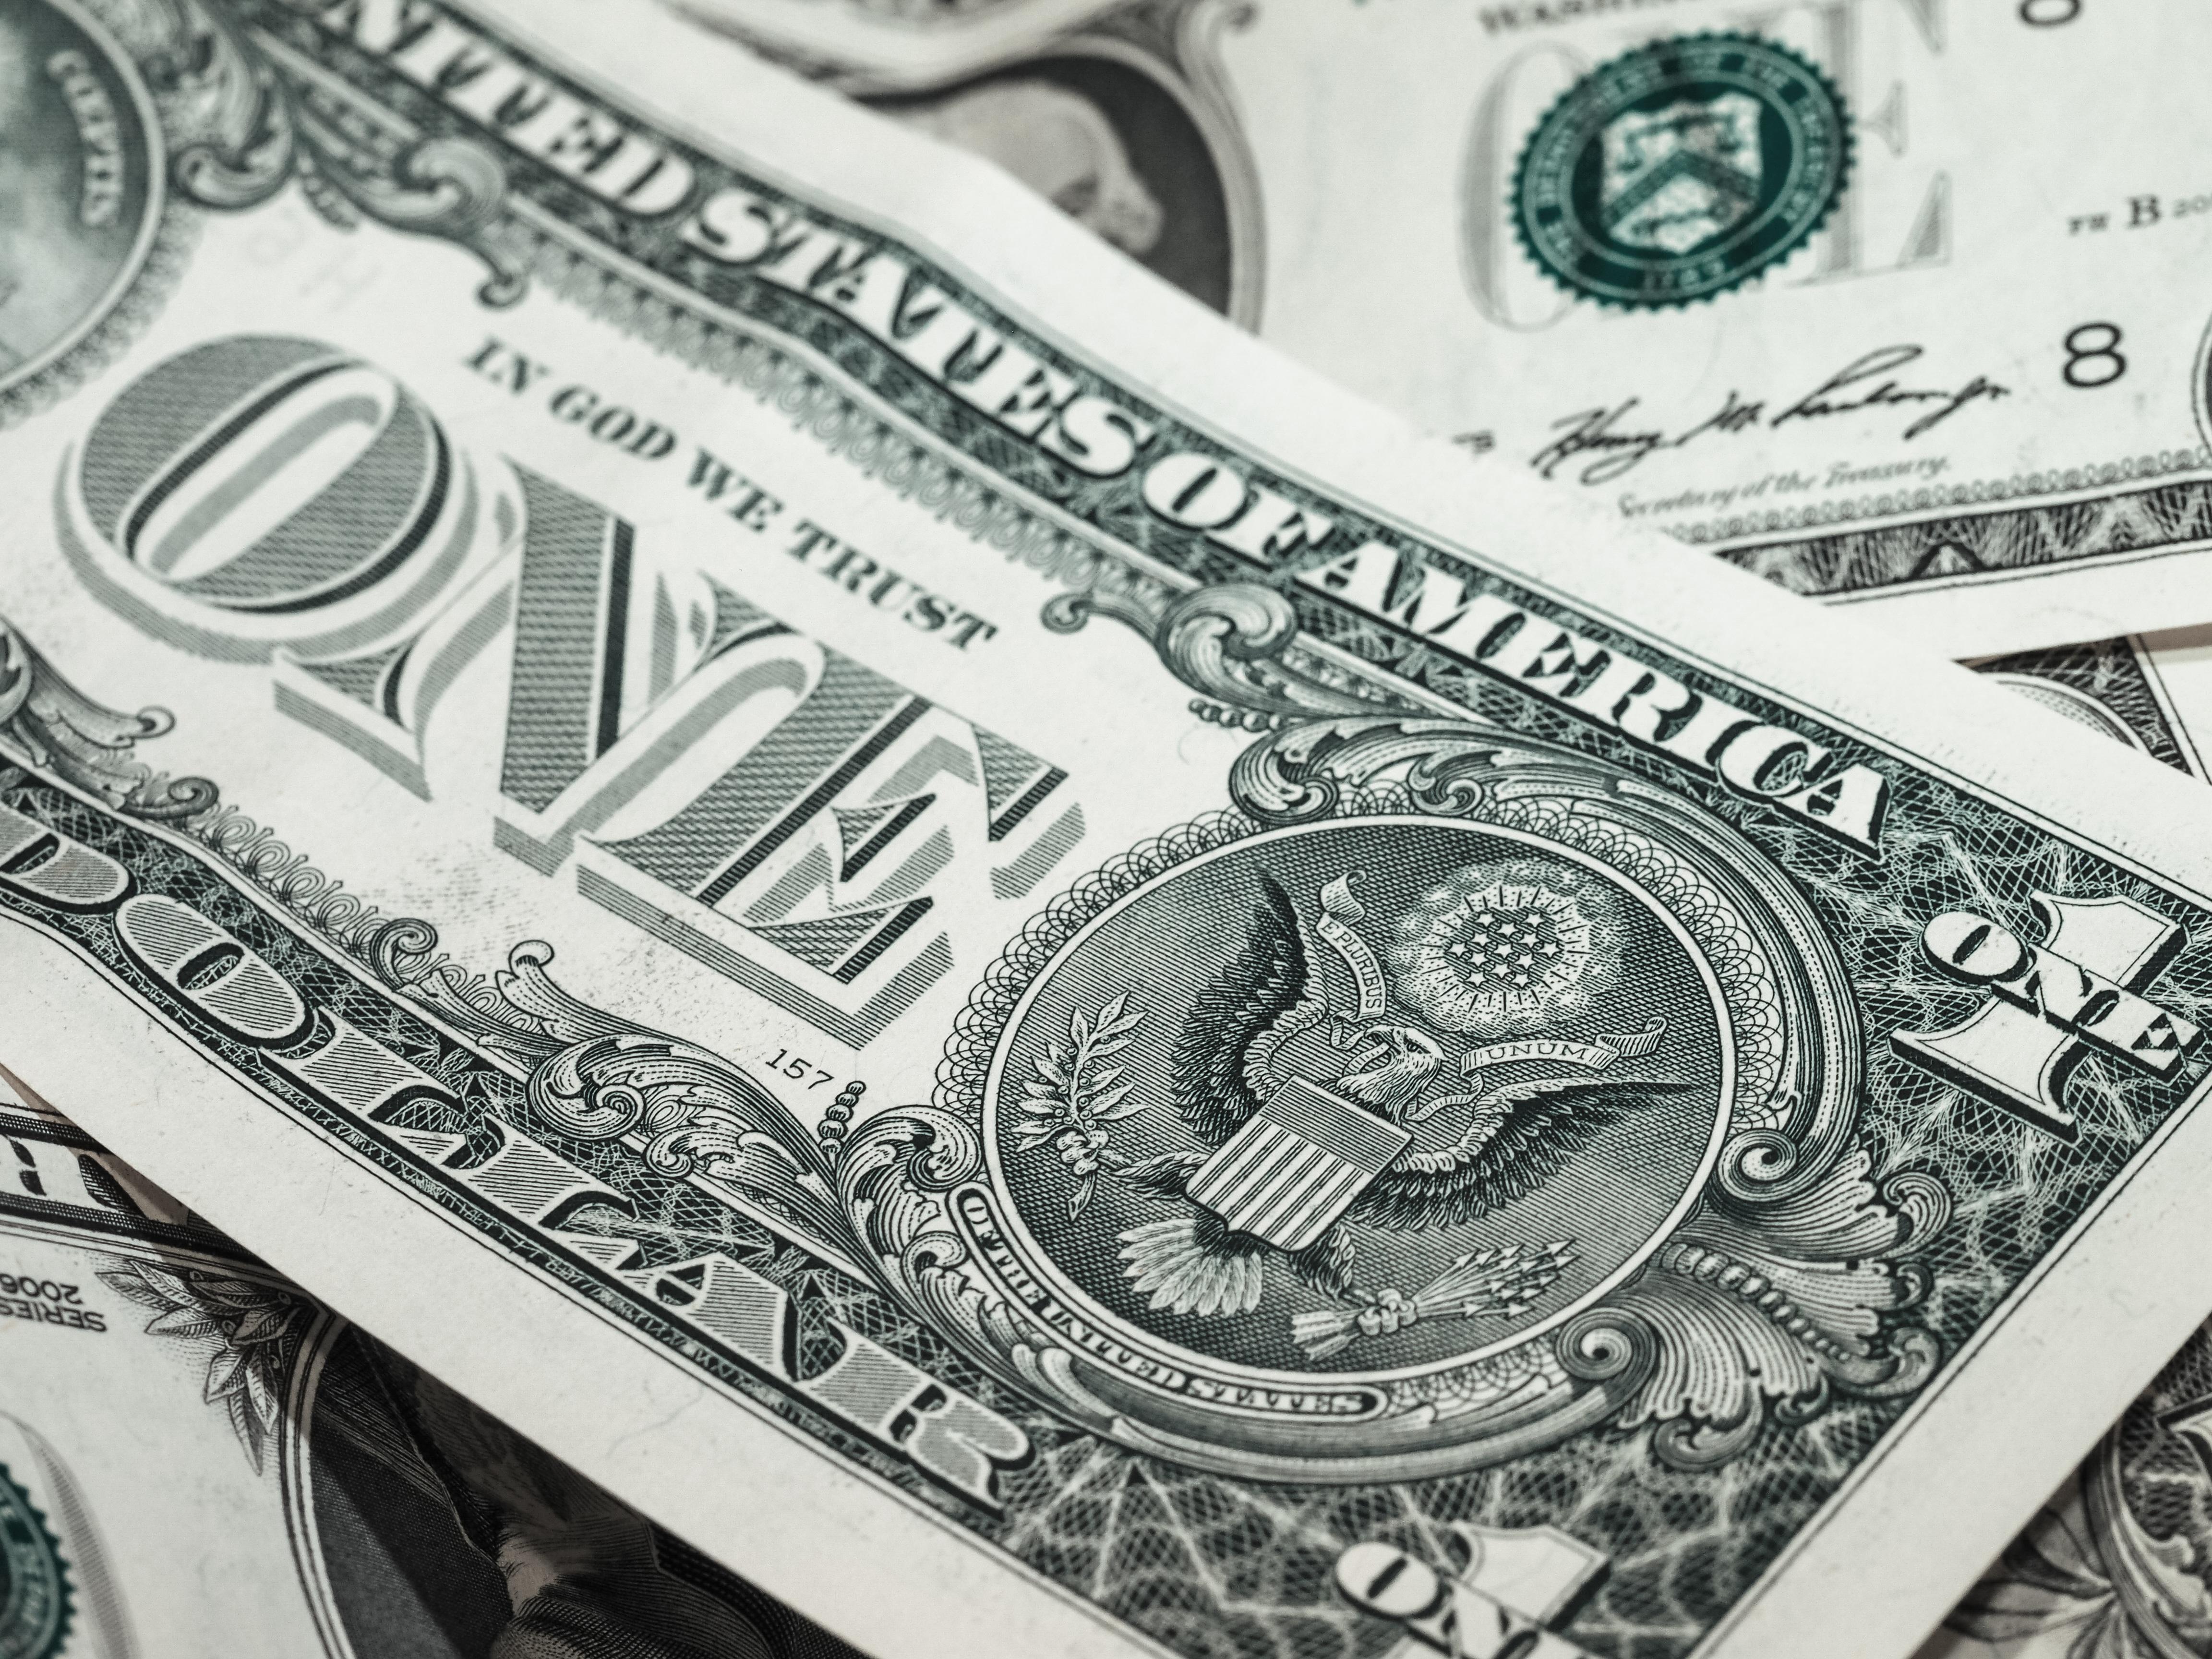 fond d u0026 39  u00e9cran   dessin  monochrome  mod u00e8le  papier  argent  devise  dollar  mat u00e9riel  conception